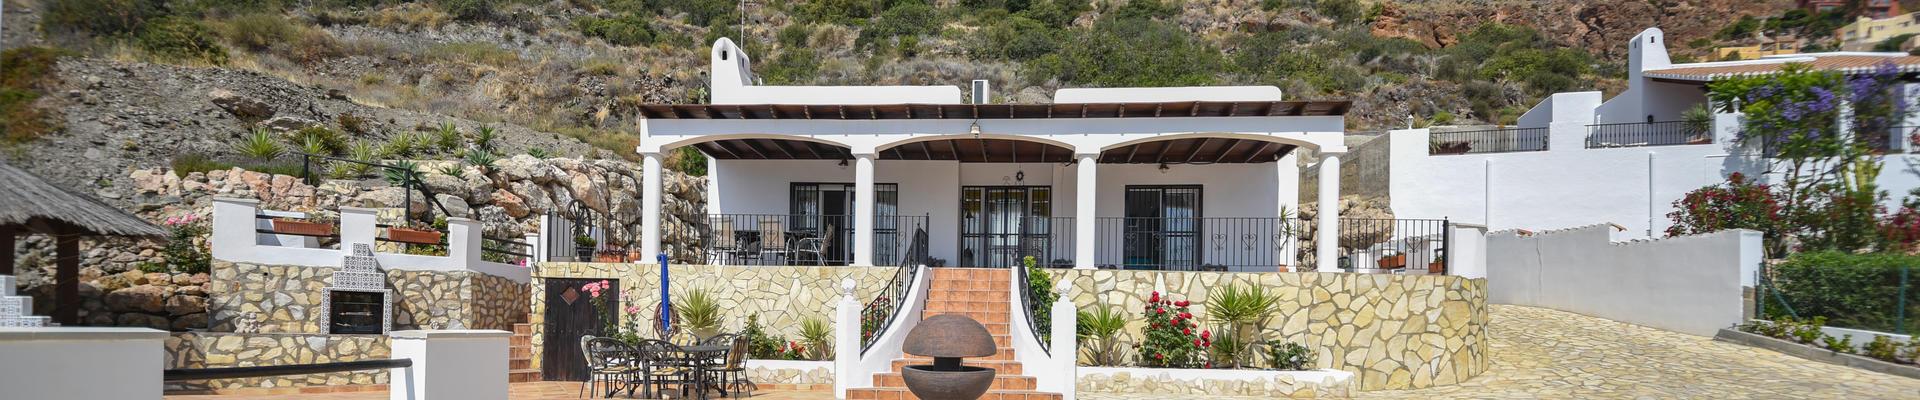 DV1446: 3 Bedroom Villa for Sale